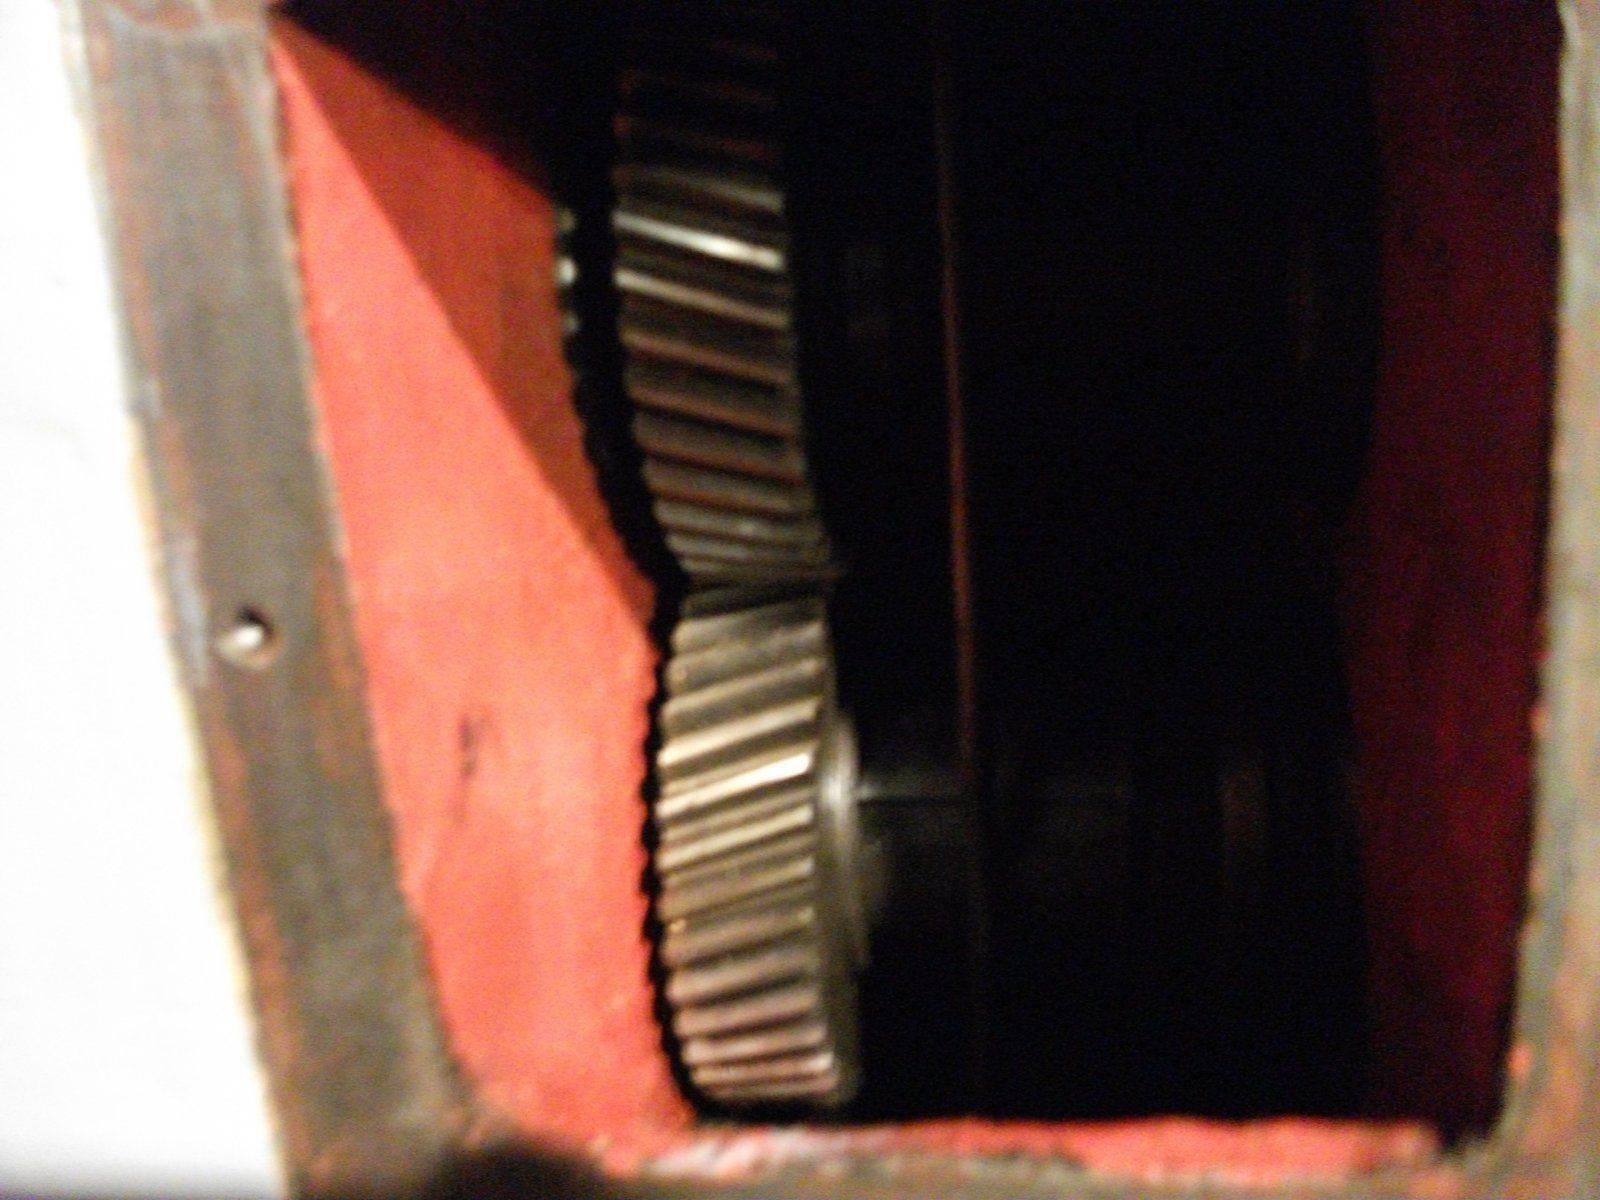 DSCF2851.JPG